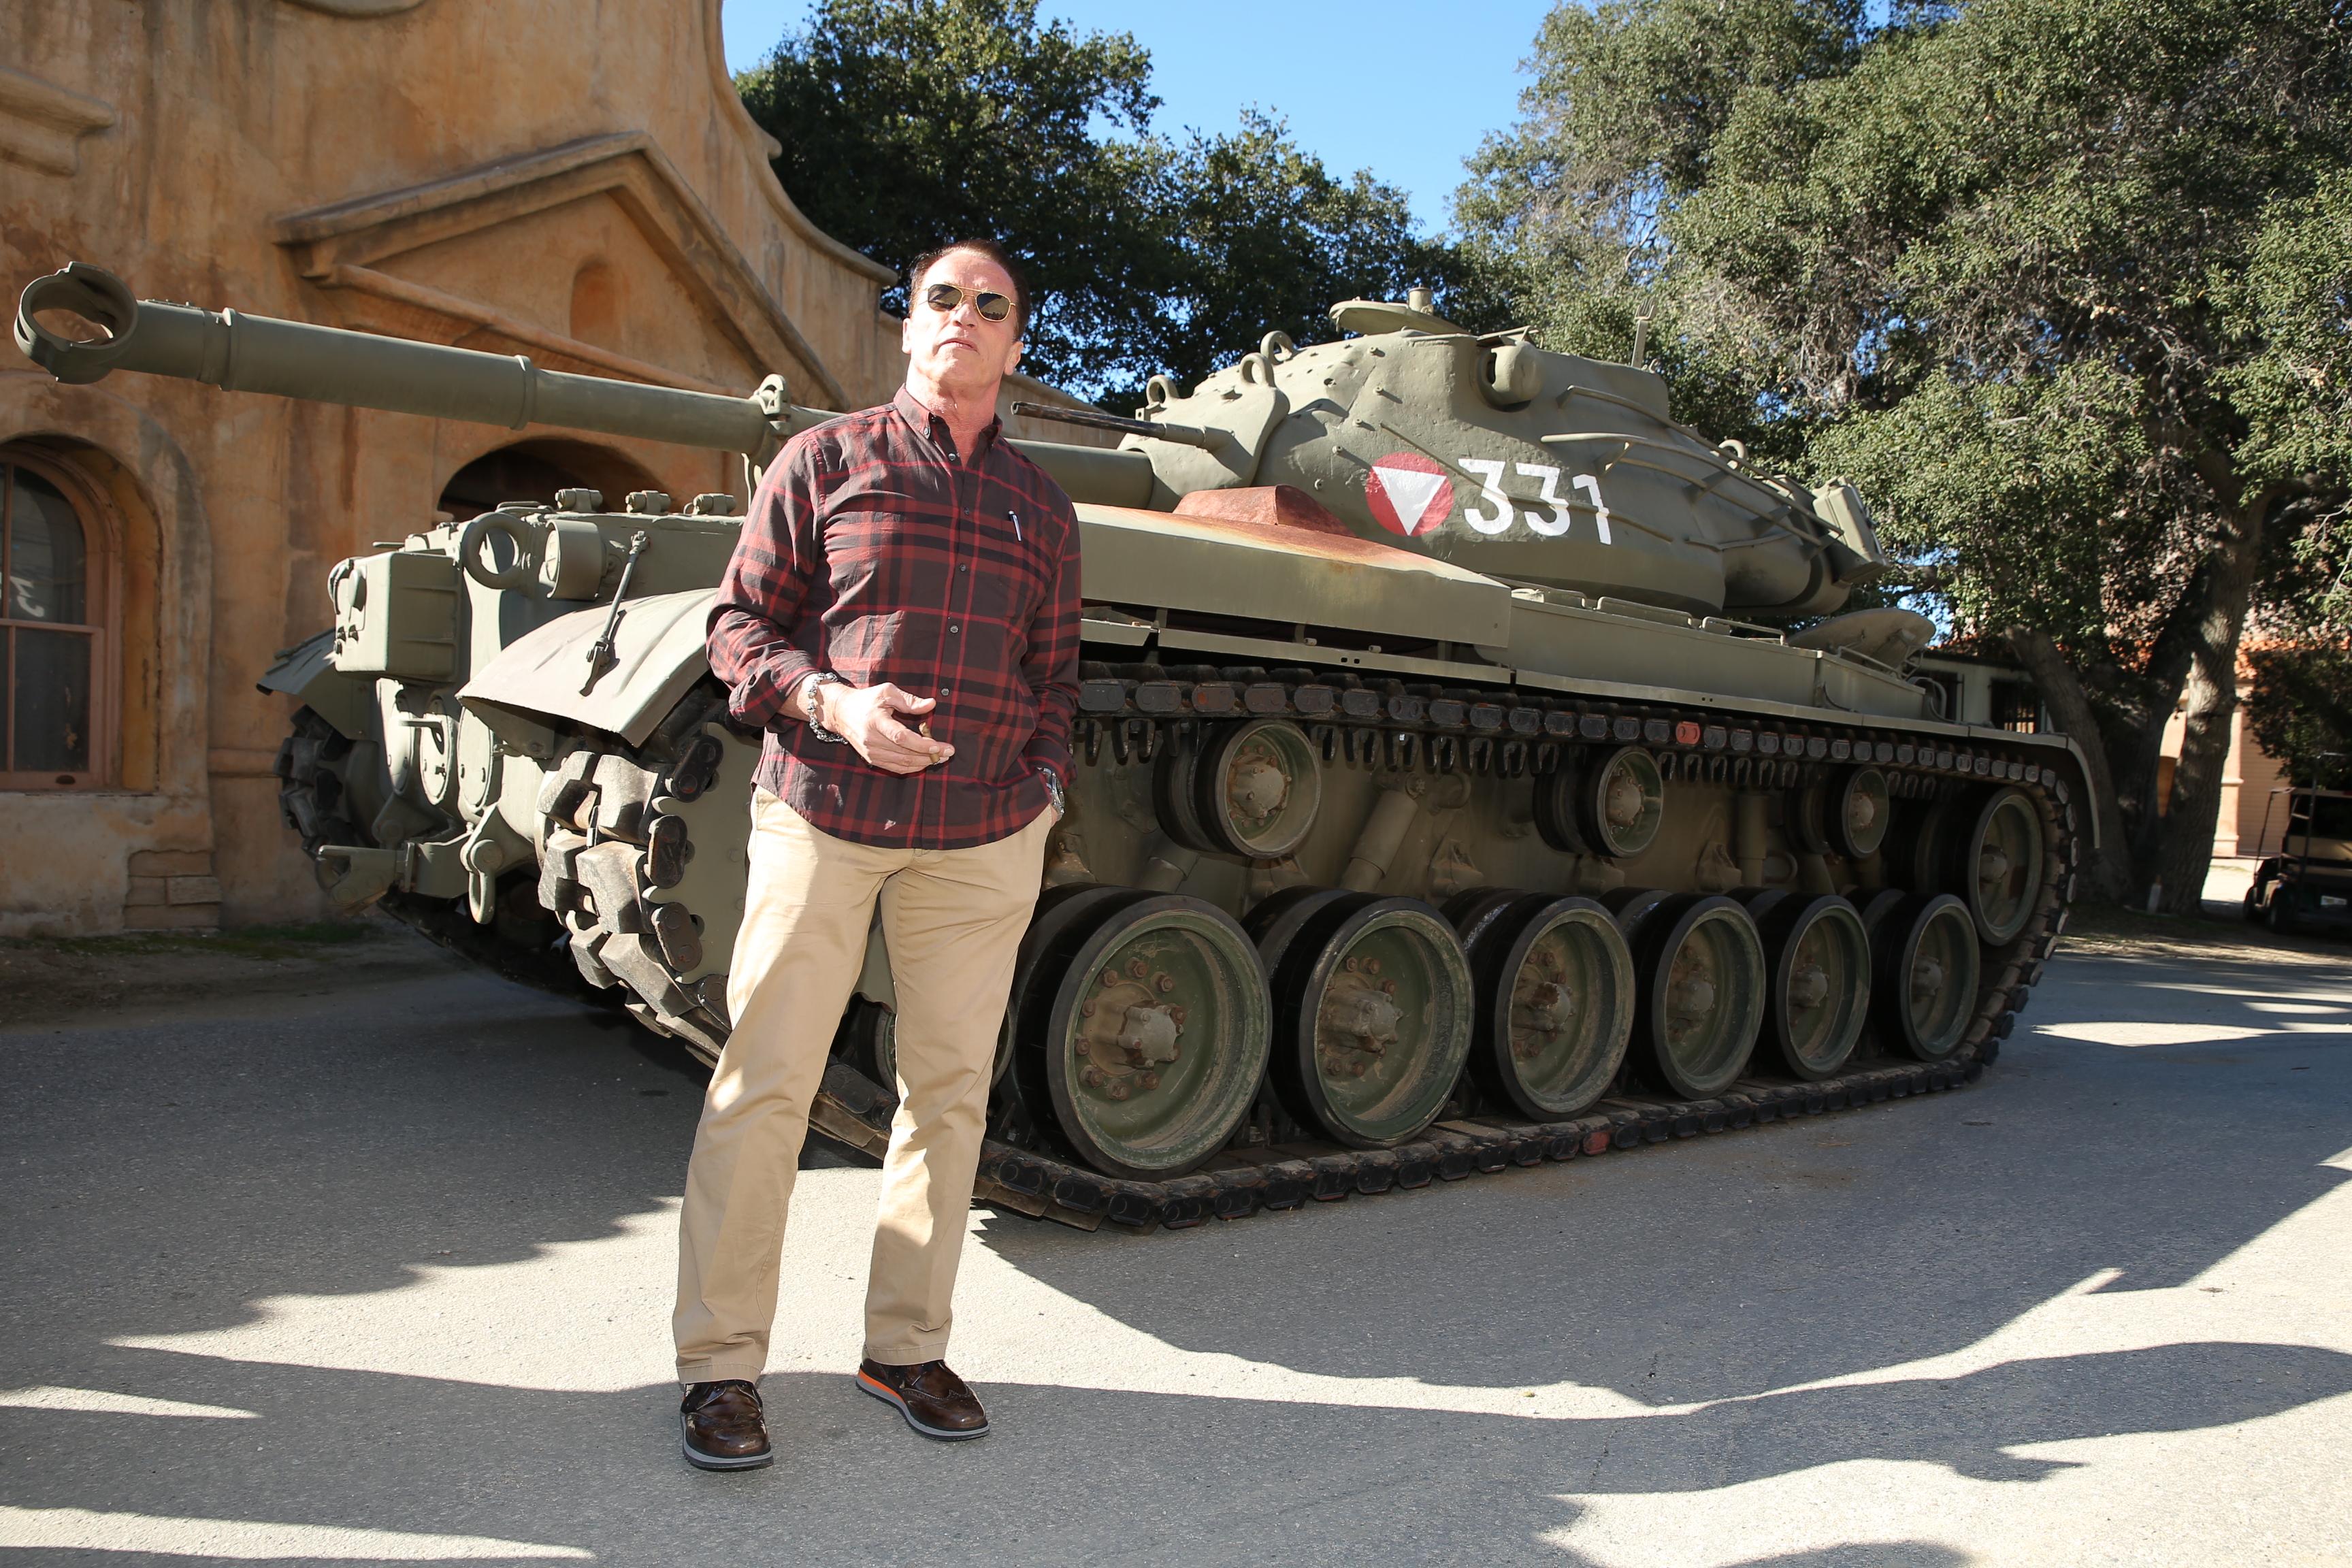 Арнольд Шварценеггер неравнодушен к Второй мировой, особенно - танкам